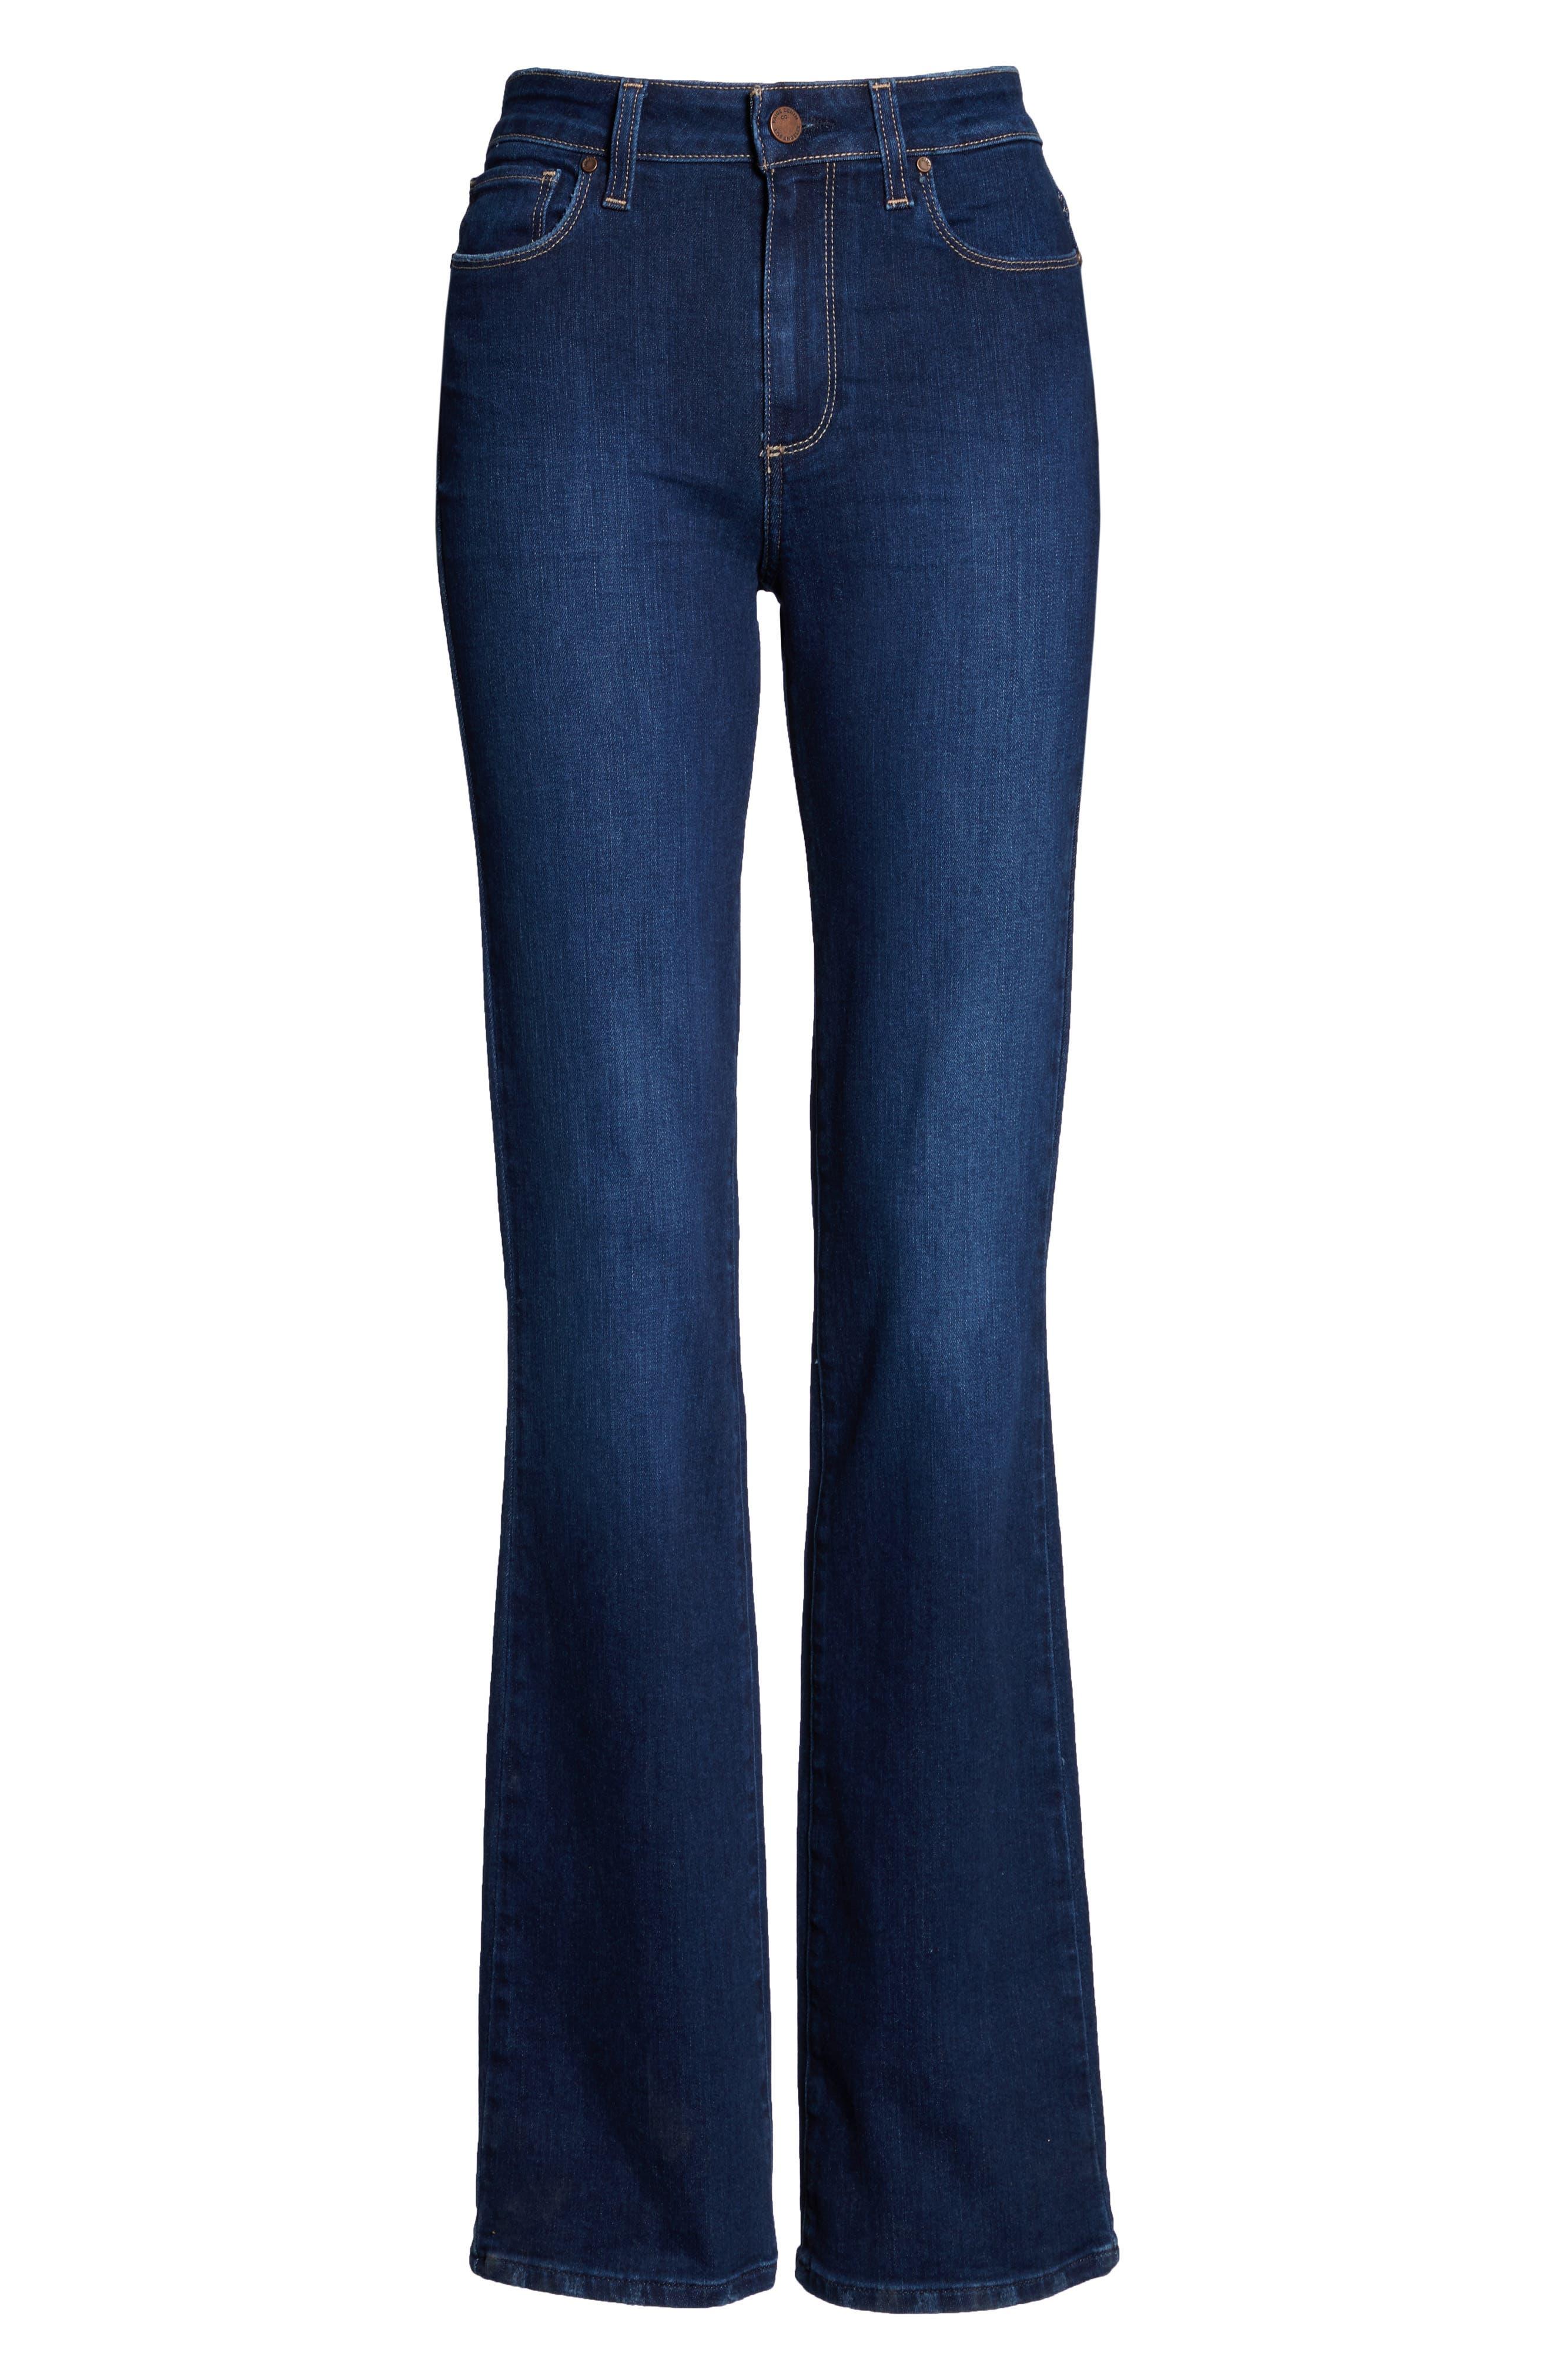 PAIGE, Transcend Vintage - Manhattan Bootcut Jeans, Alternate thumbnail 6, color, 400